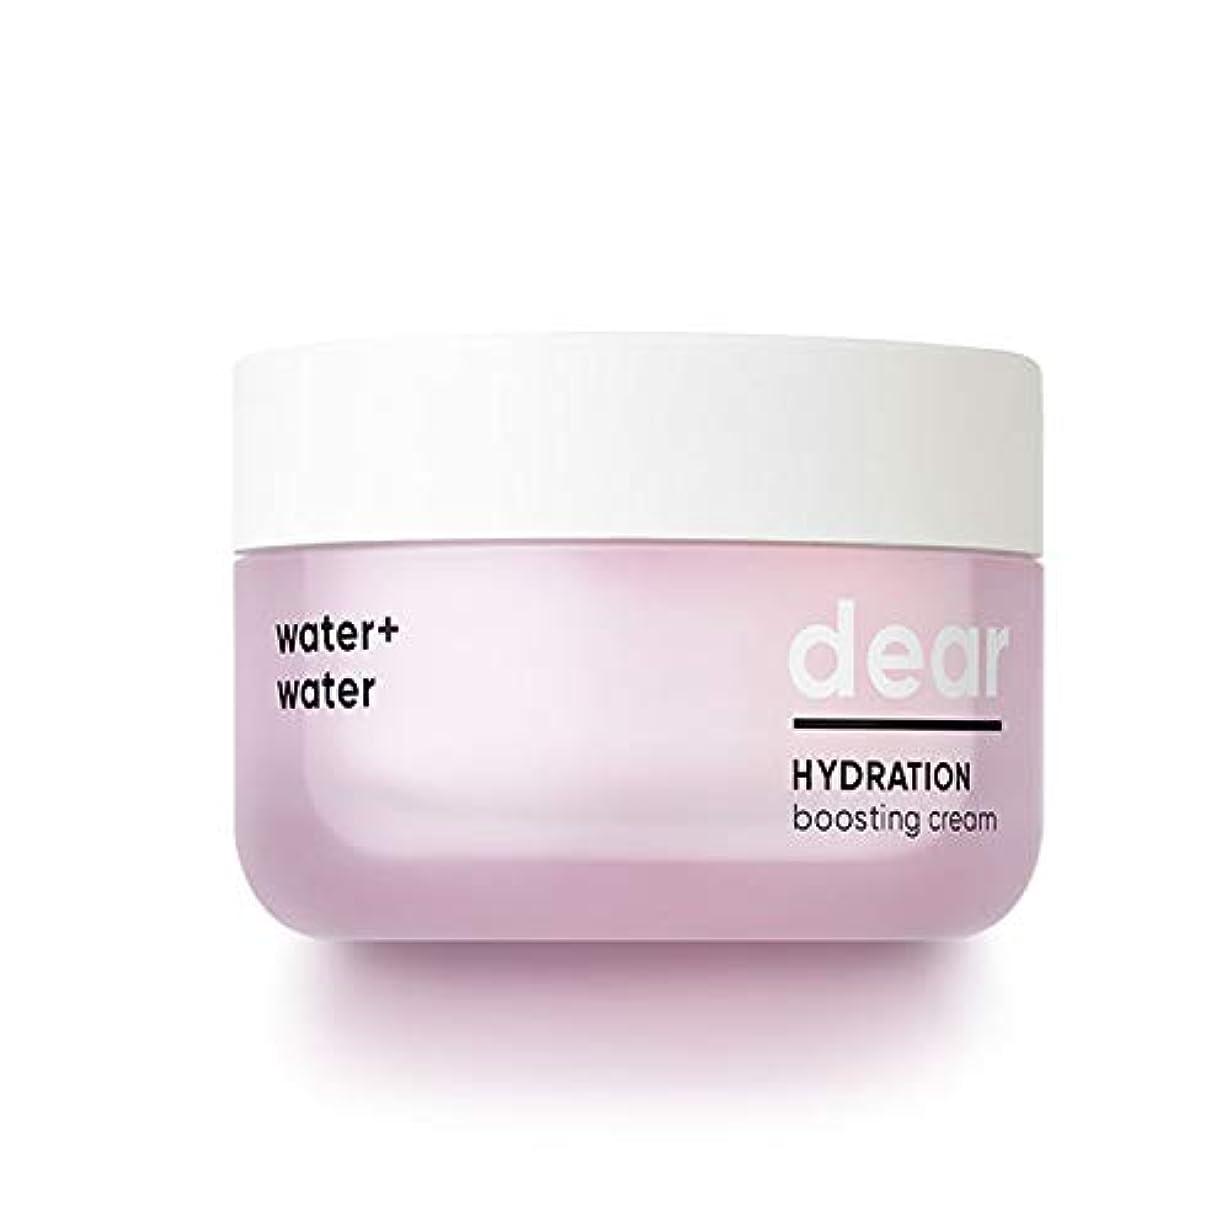 ナチュラルタイル緊張するBANILA CO(バニラコ) ディア ハイドレーション ブースティングクローム Dear Hydration Boosting Cream